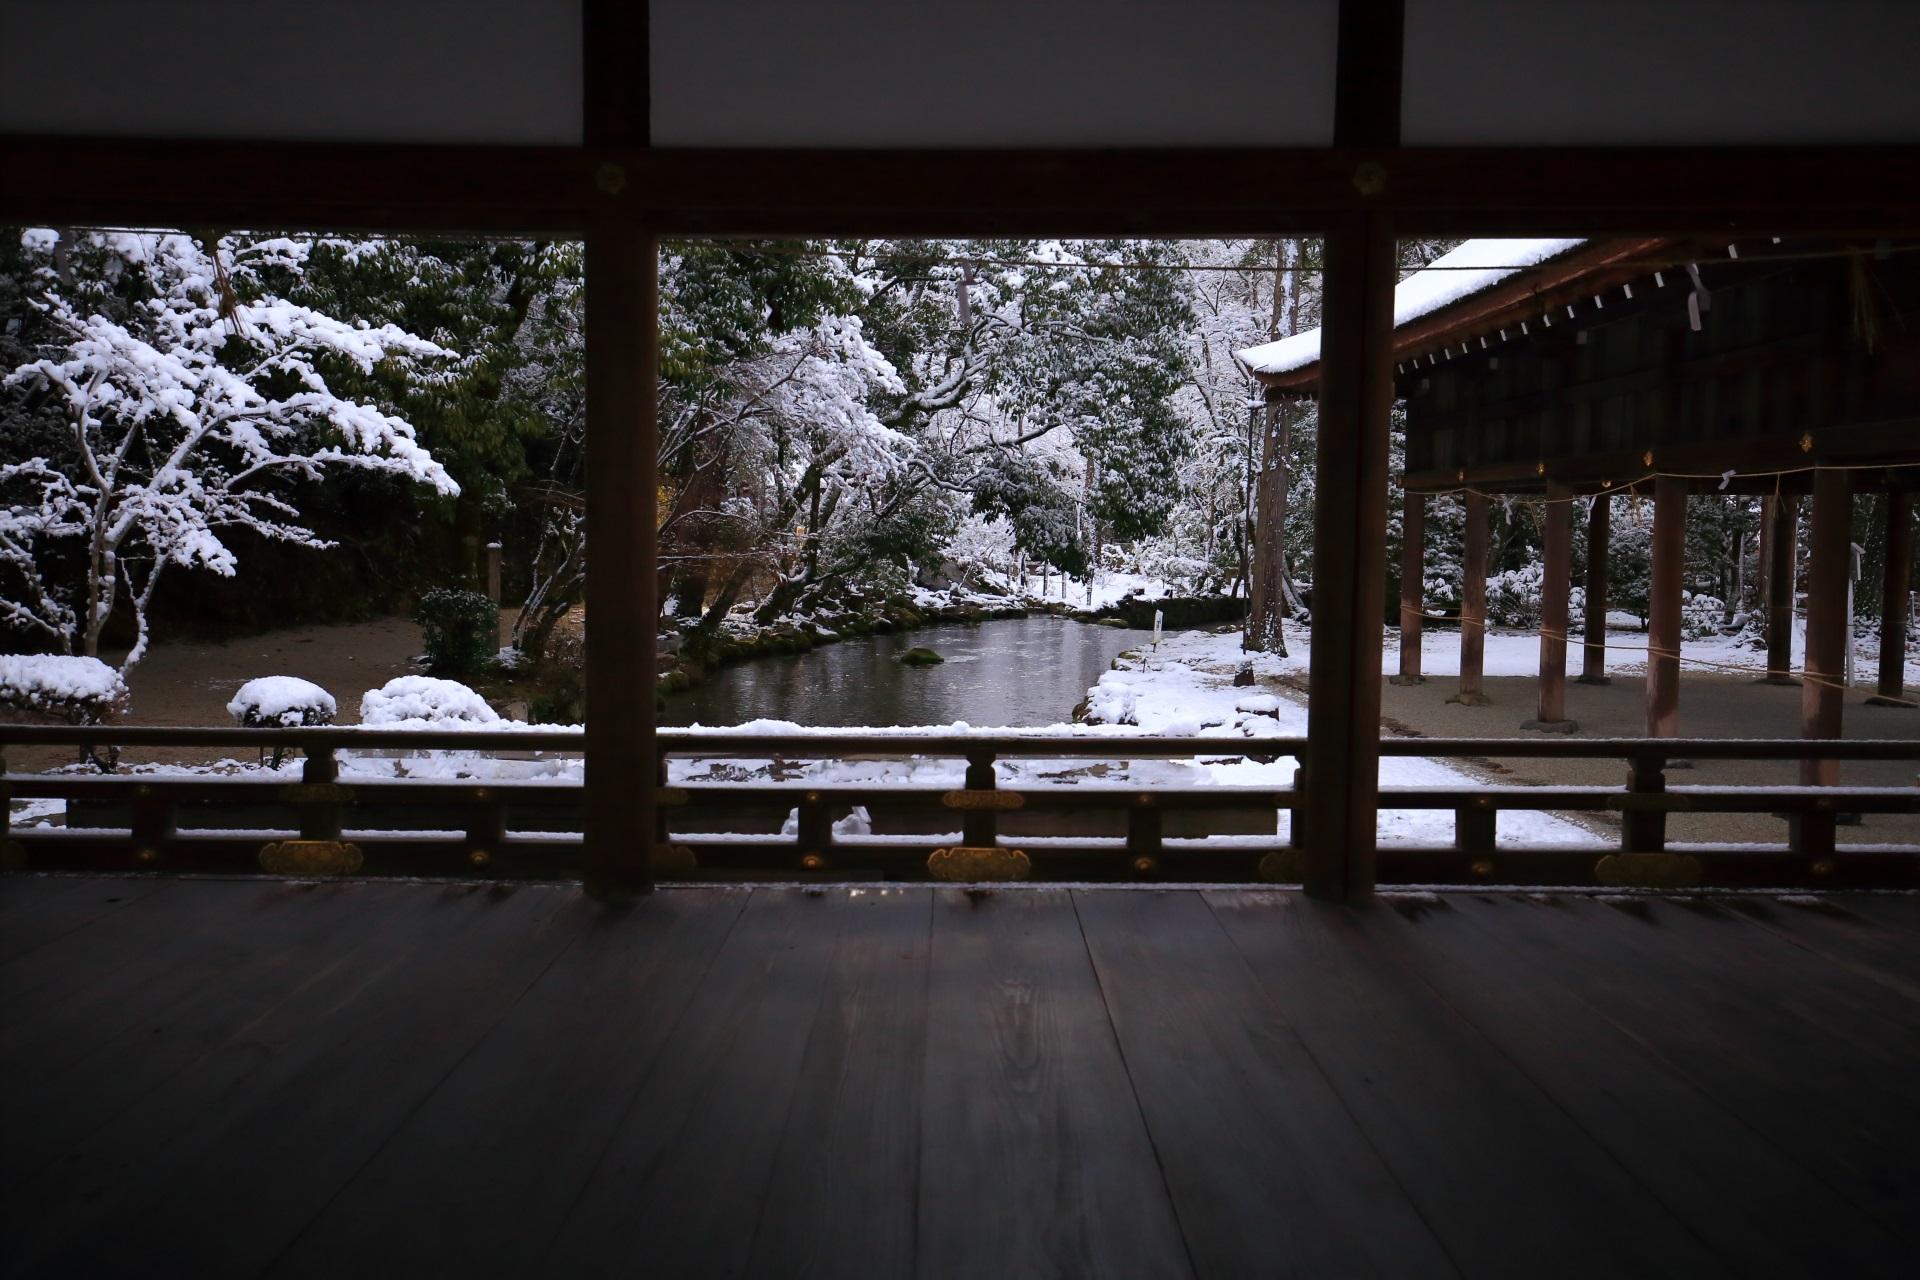 上賀茂神社の橋殿越しに眺めた御手洗川の雪景色